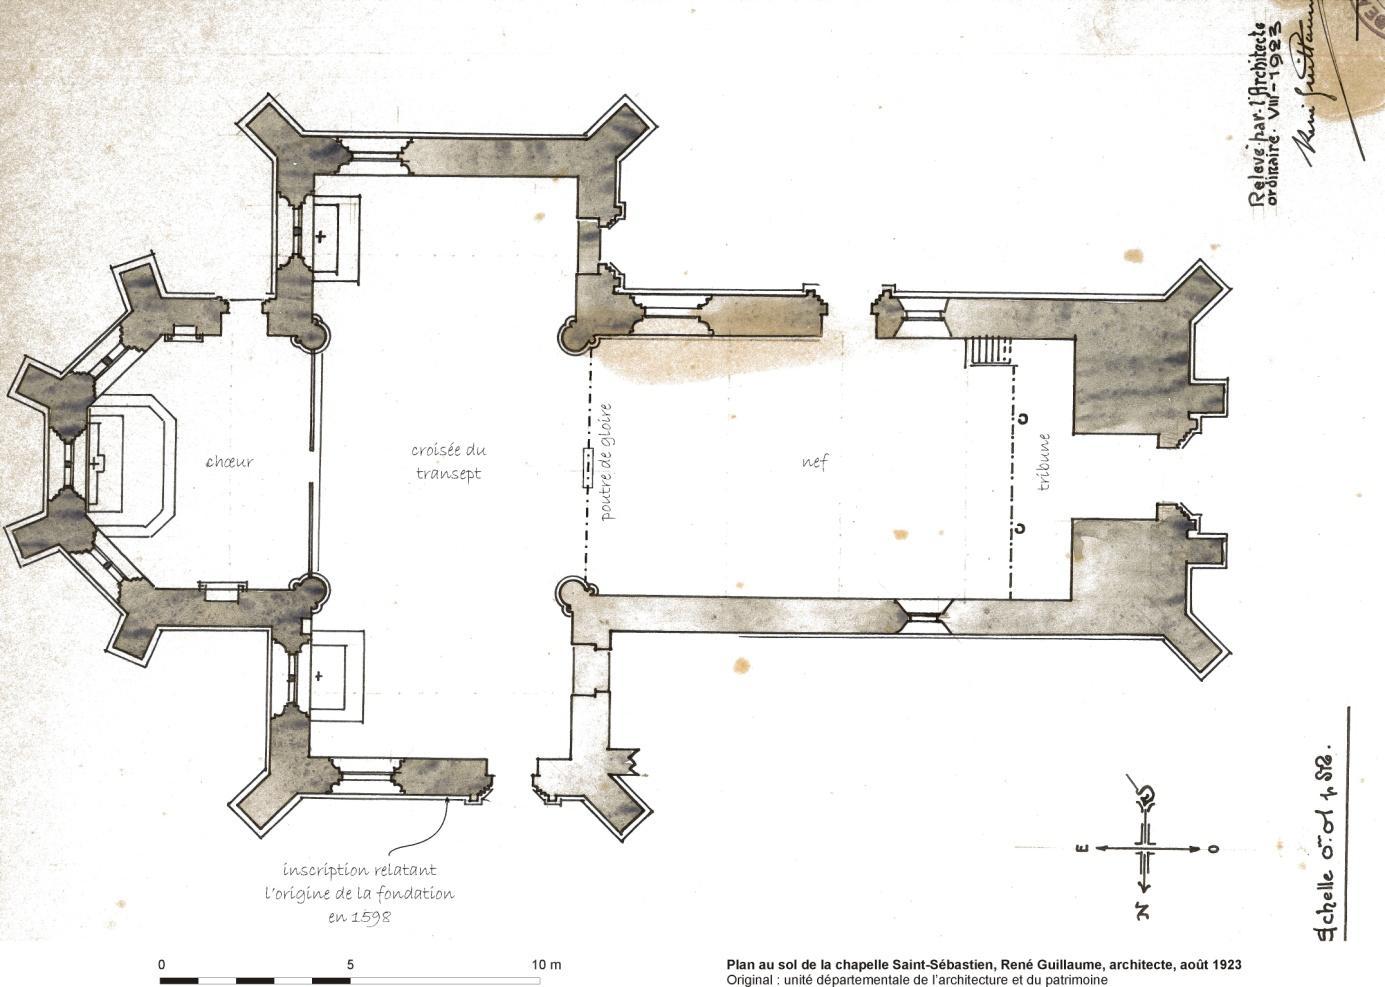 La chapelle Saint-Sébastien - Plan au sol, René Guillaume, architecte, août 1923 - Original : unité départementale de l'architecture et du patrimoine